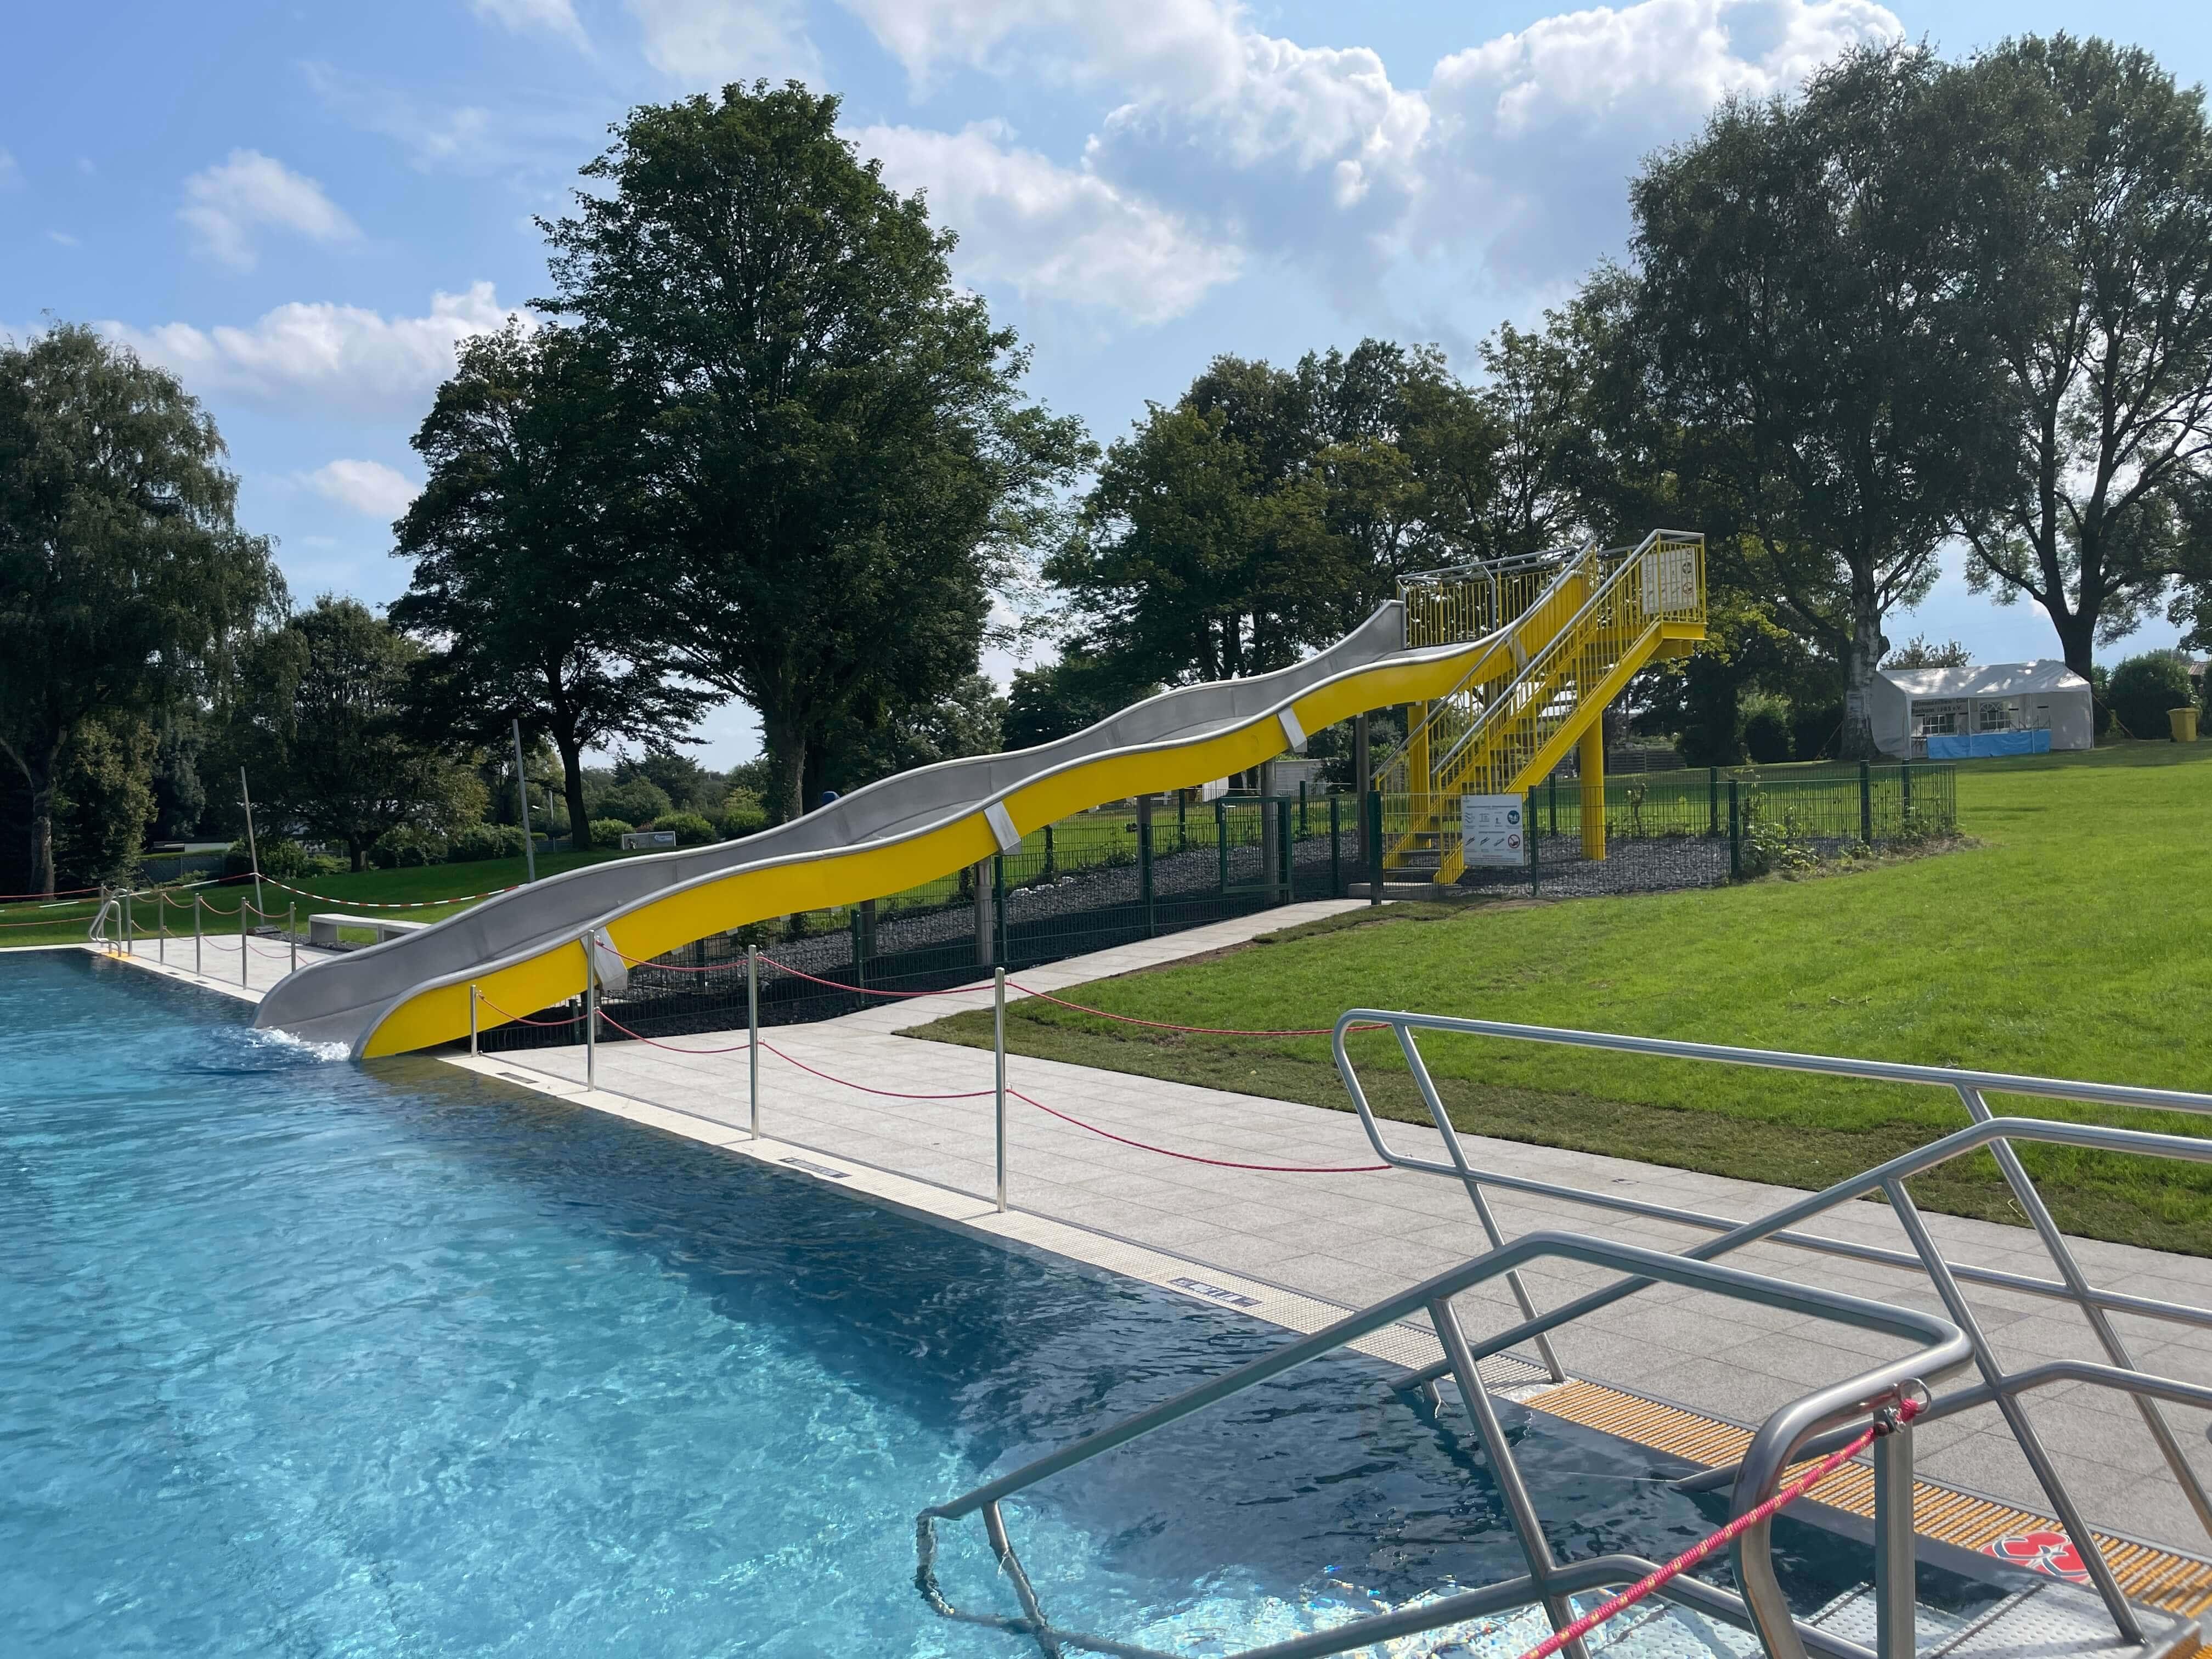 Freibad Werne (WasserWelten Bochum): Wasserrutsche